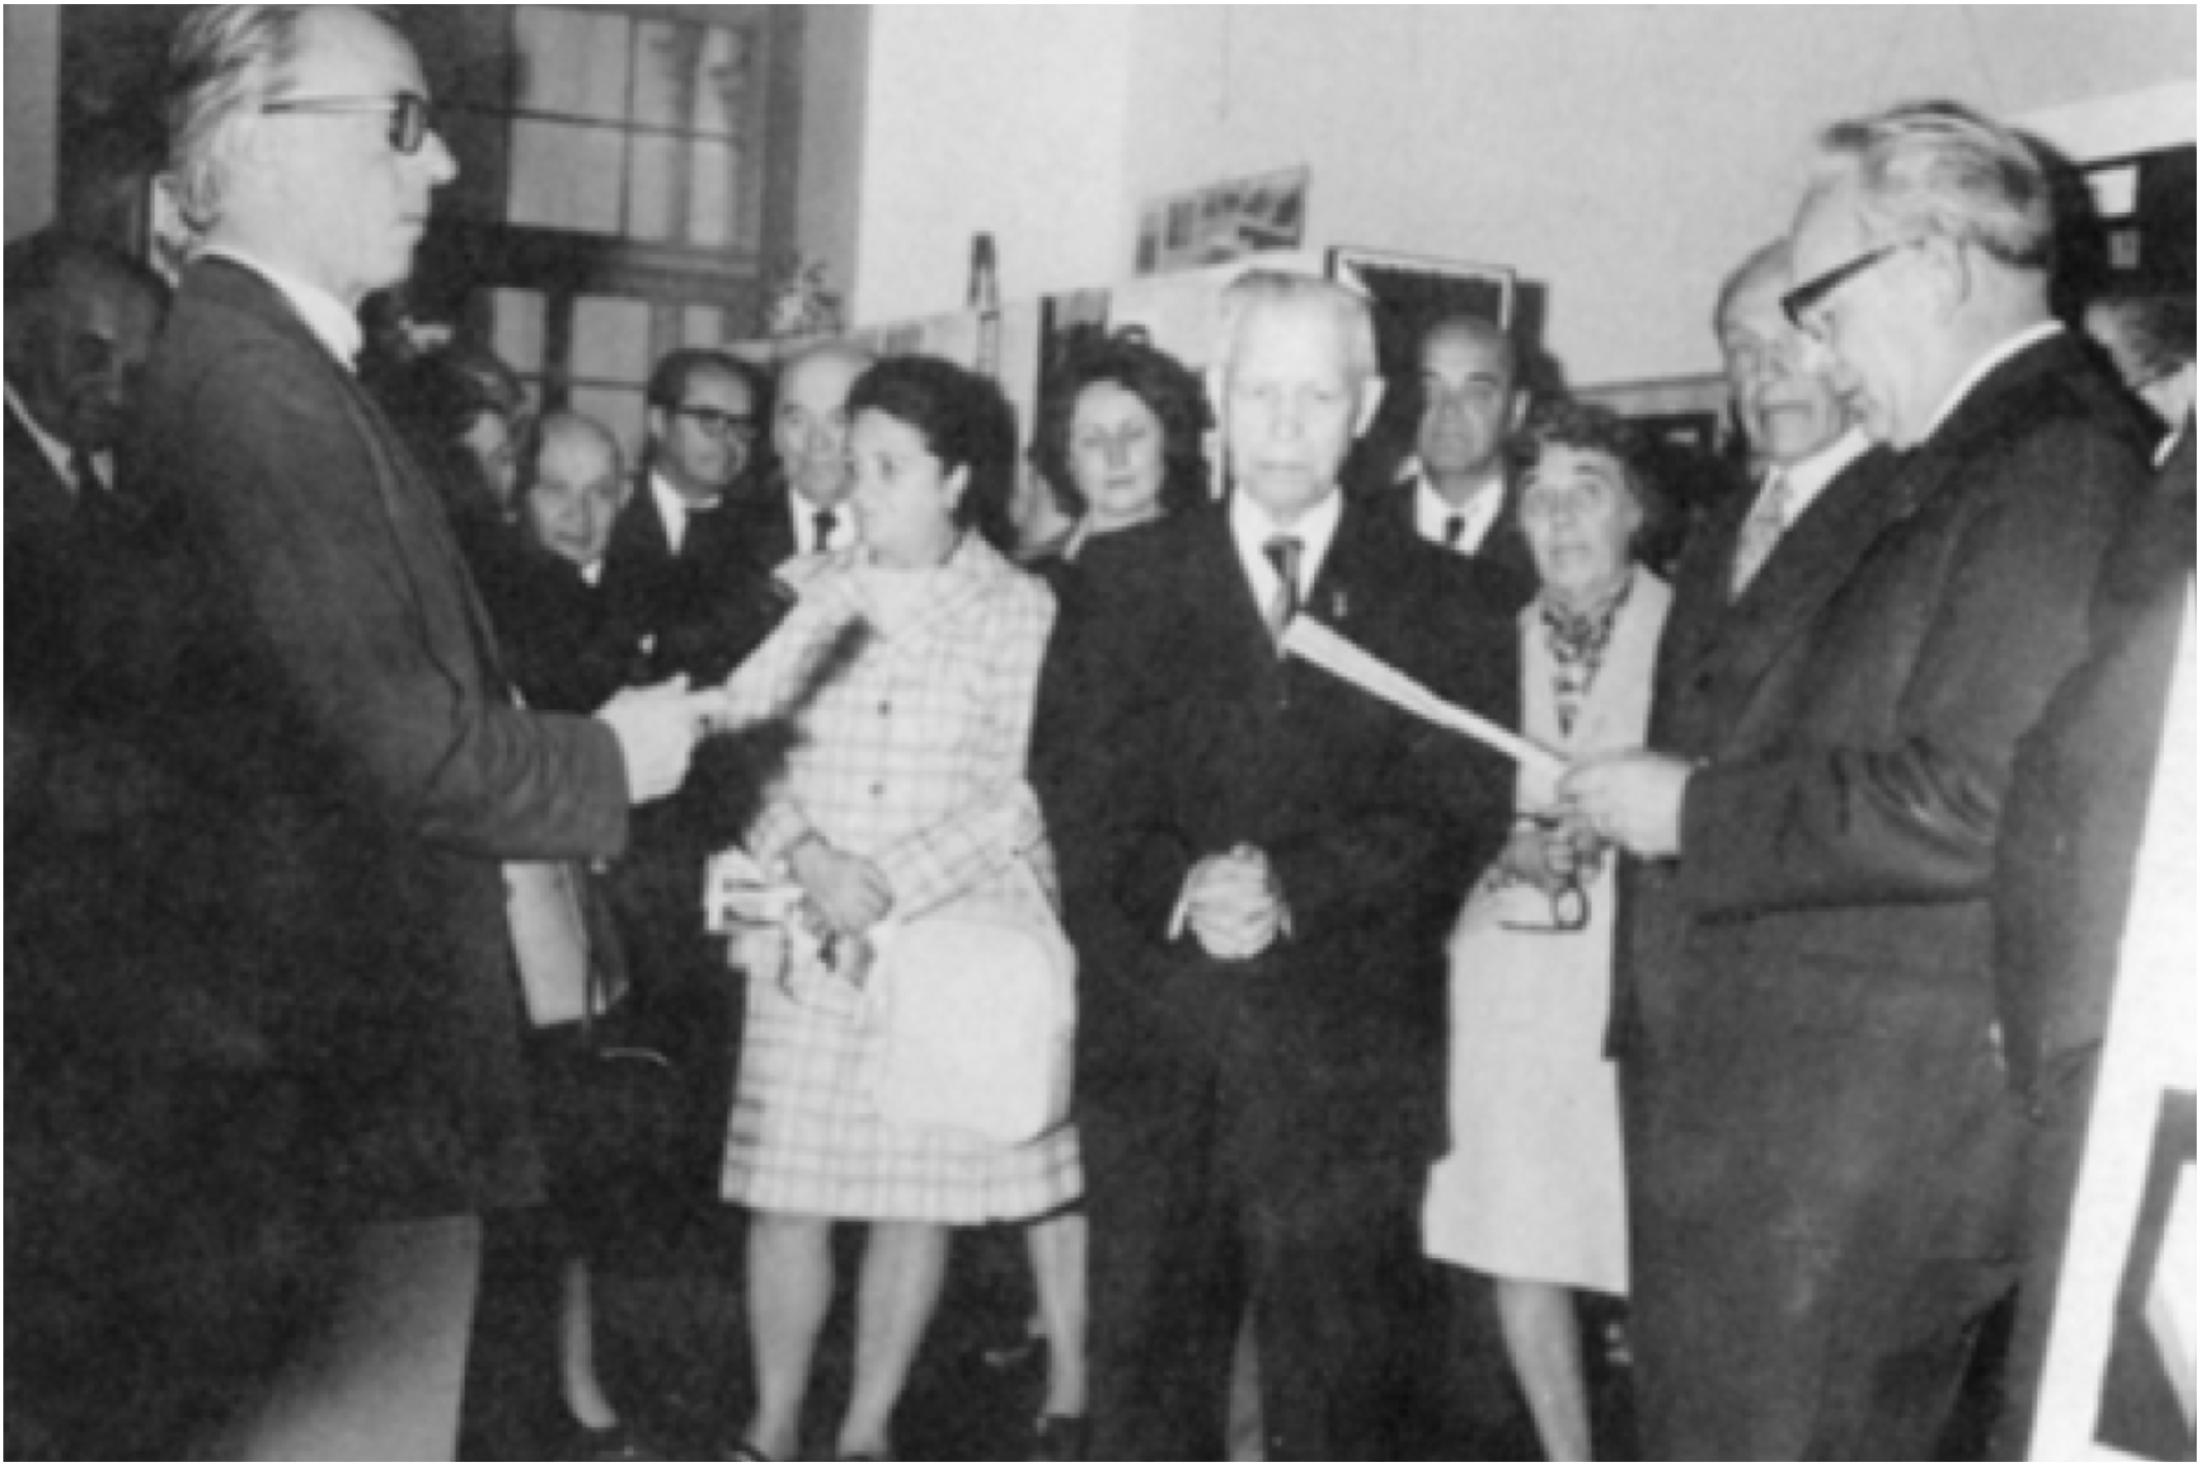 Otwarcie wystawy w 1974 roku przez prezydenta prof. dra Staniaława Ostrowskiego, przemawia prezes STP Sas-Skowroński. Obok Irena Sagajło.